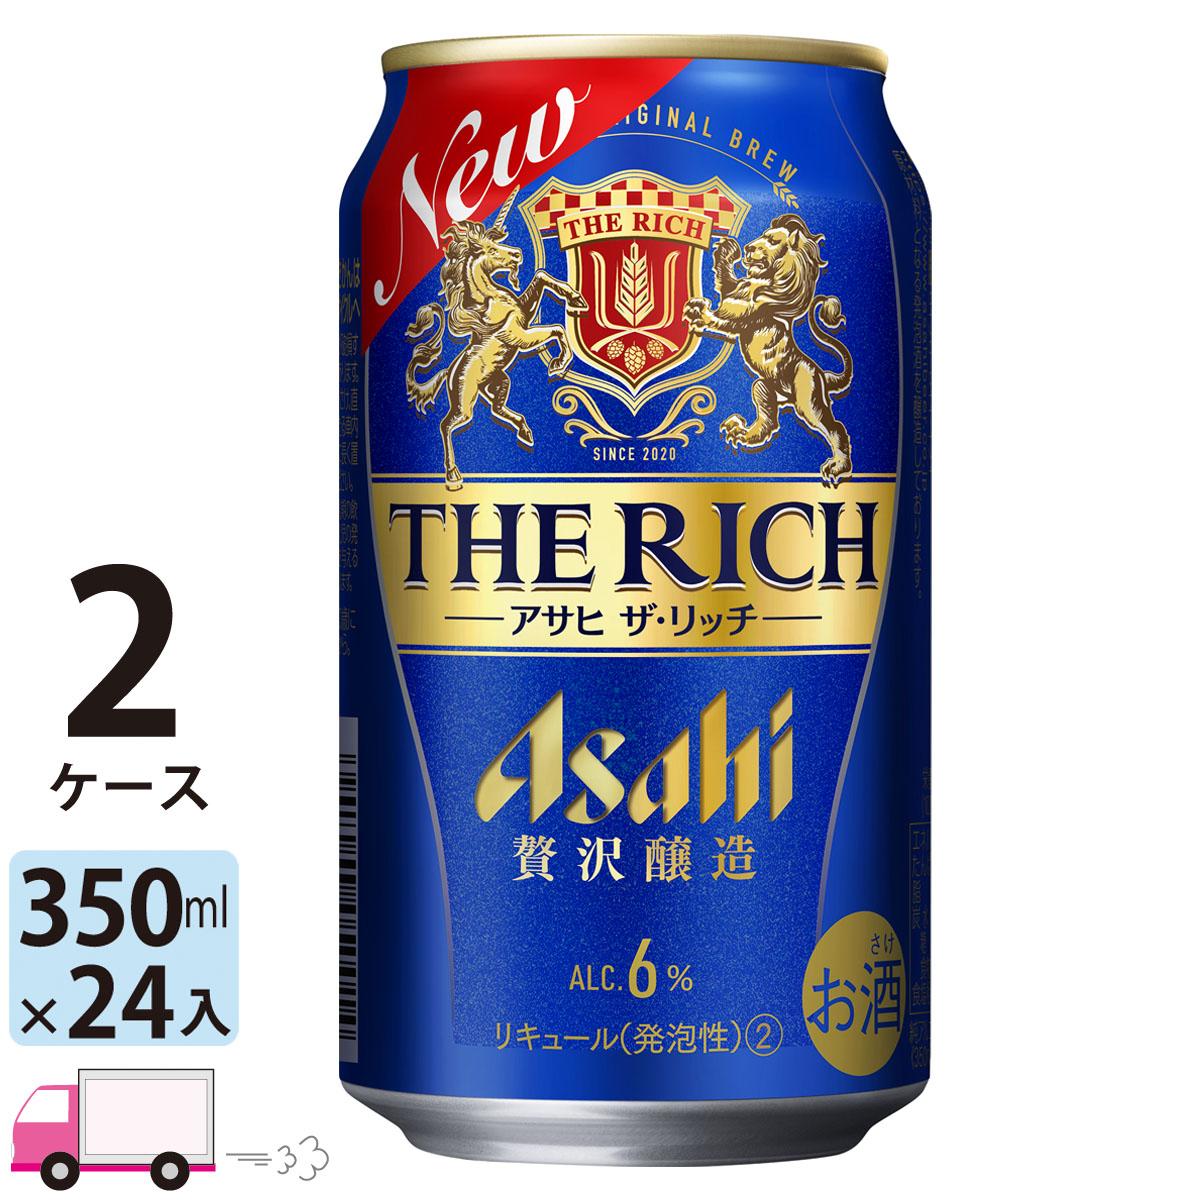 プレミアムビールを目指してつくった贅沢な新ジャンル。「贅沢醸造」で丁寧にこだわってつくり、贅沢なコクを実現、日々をちょっとリッチな気分でくつろぐのにふさわしい商品。 送料無料 アサヒ ビール ザ・リッチ 350ml 24缶入 2ケース (48本)